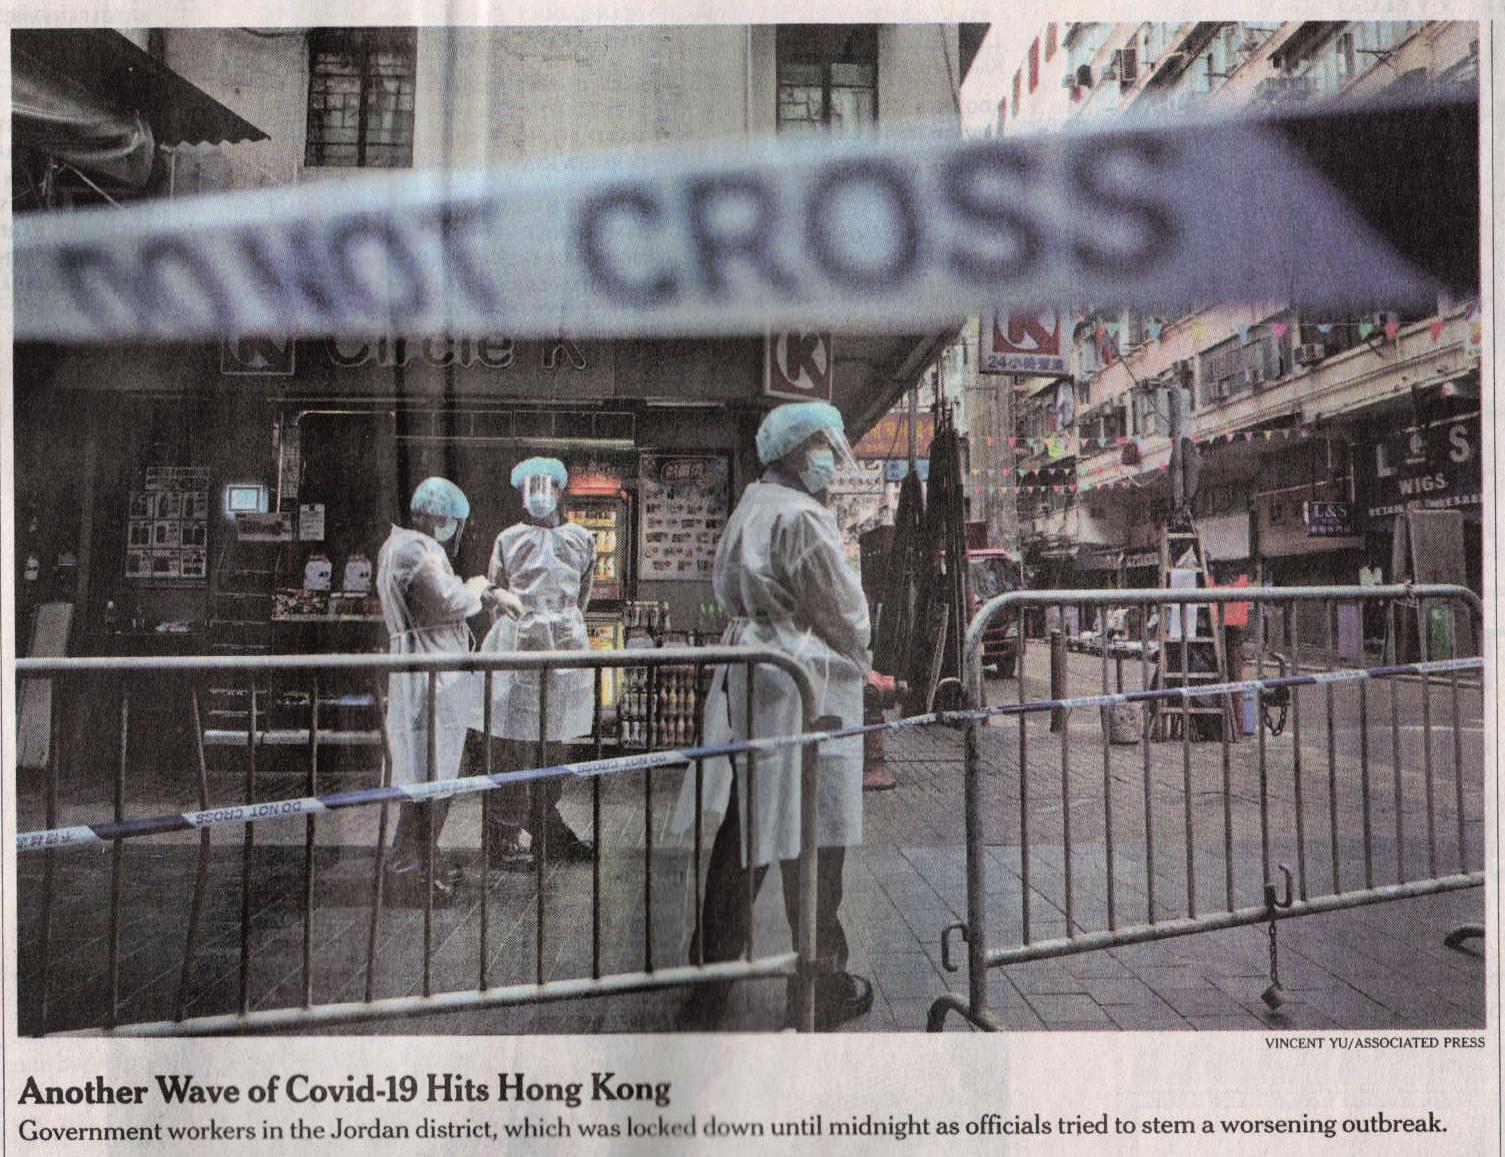 NYT: New Wave of Covid Hits Hong Kong